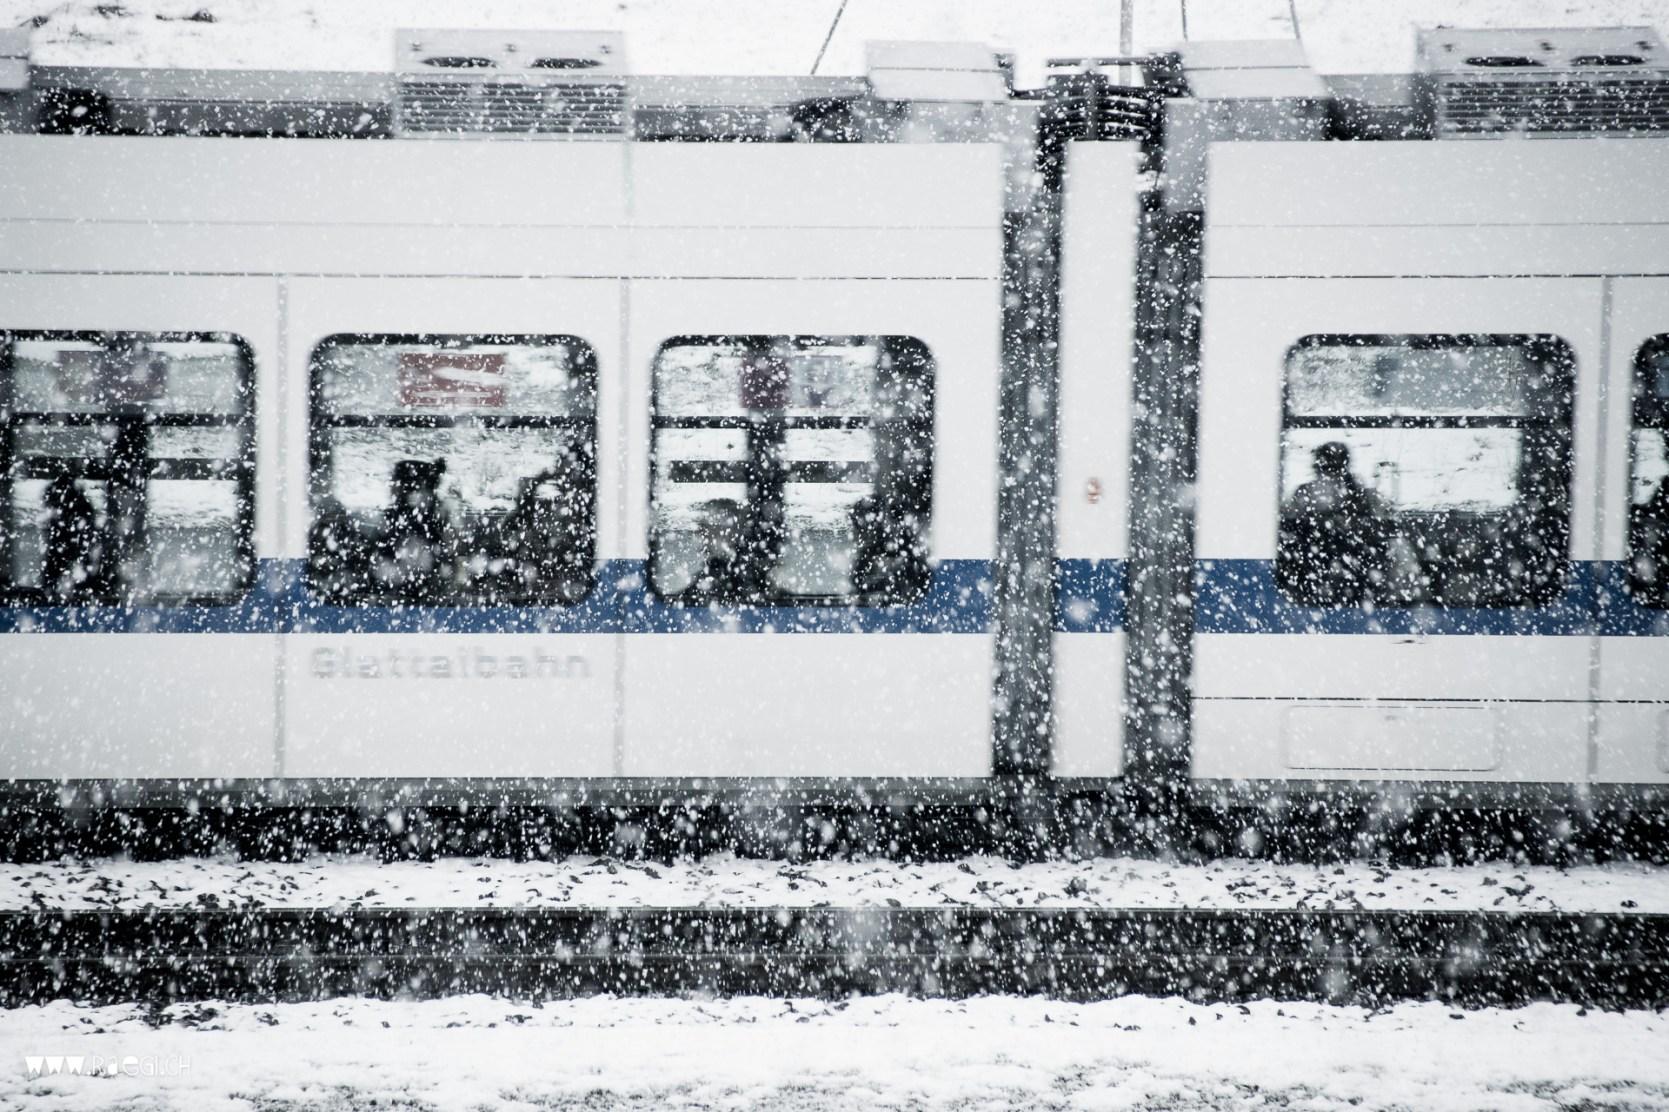 Glattalbahn